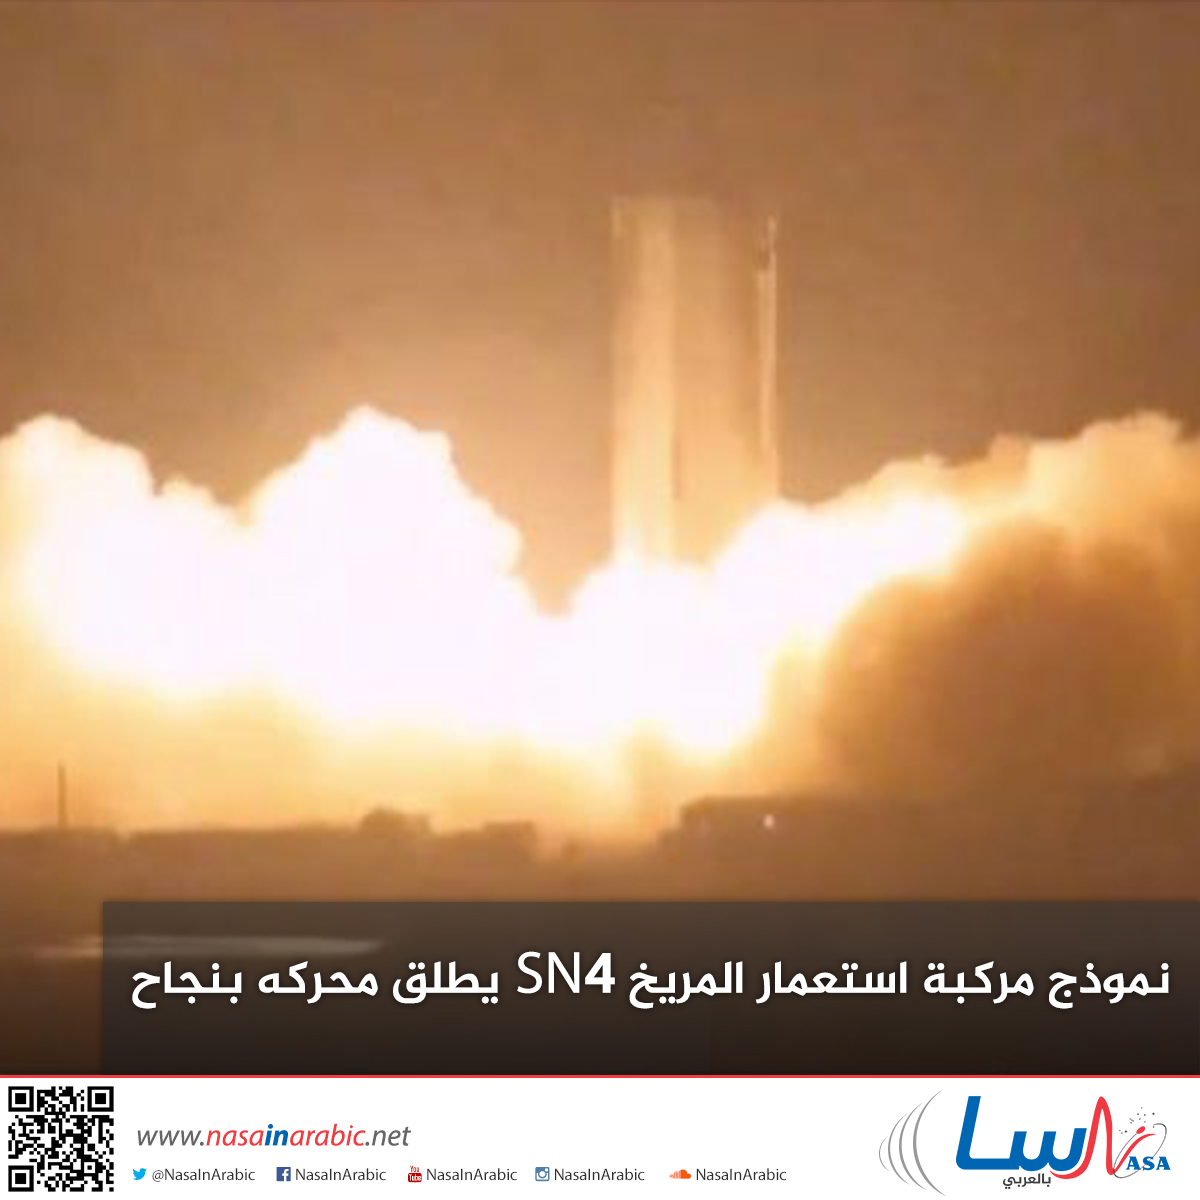 نموذج مركبة استعمار المريخ SN4 يطلق محركه بنجاح